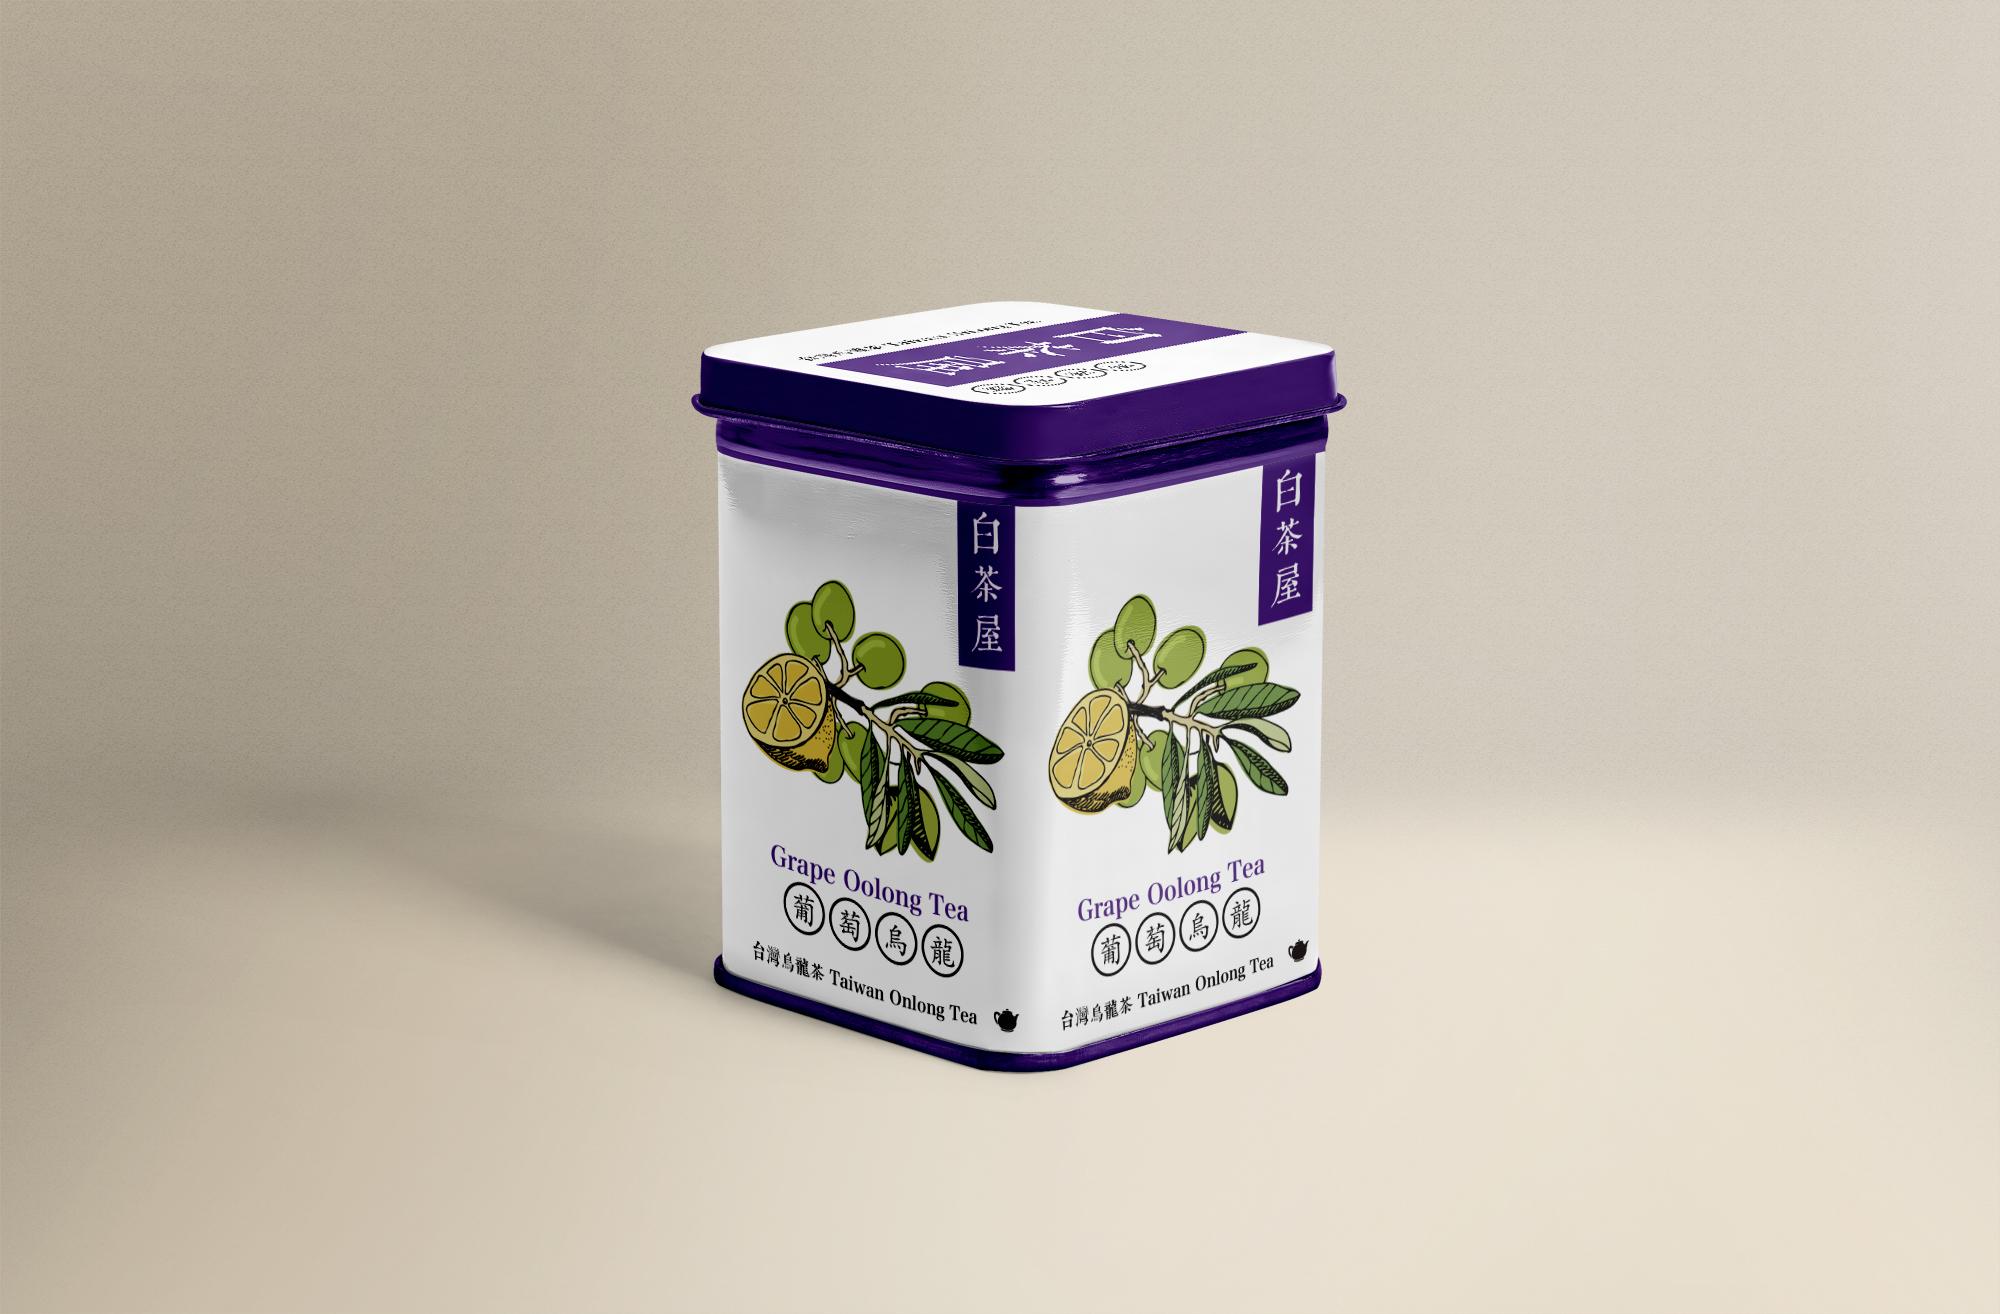 132-packaging-steel-box-mockup03